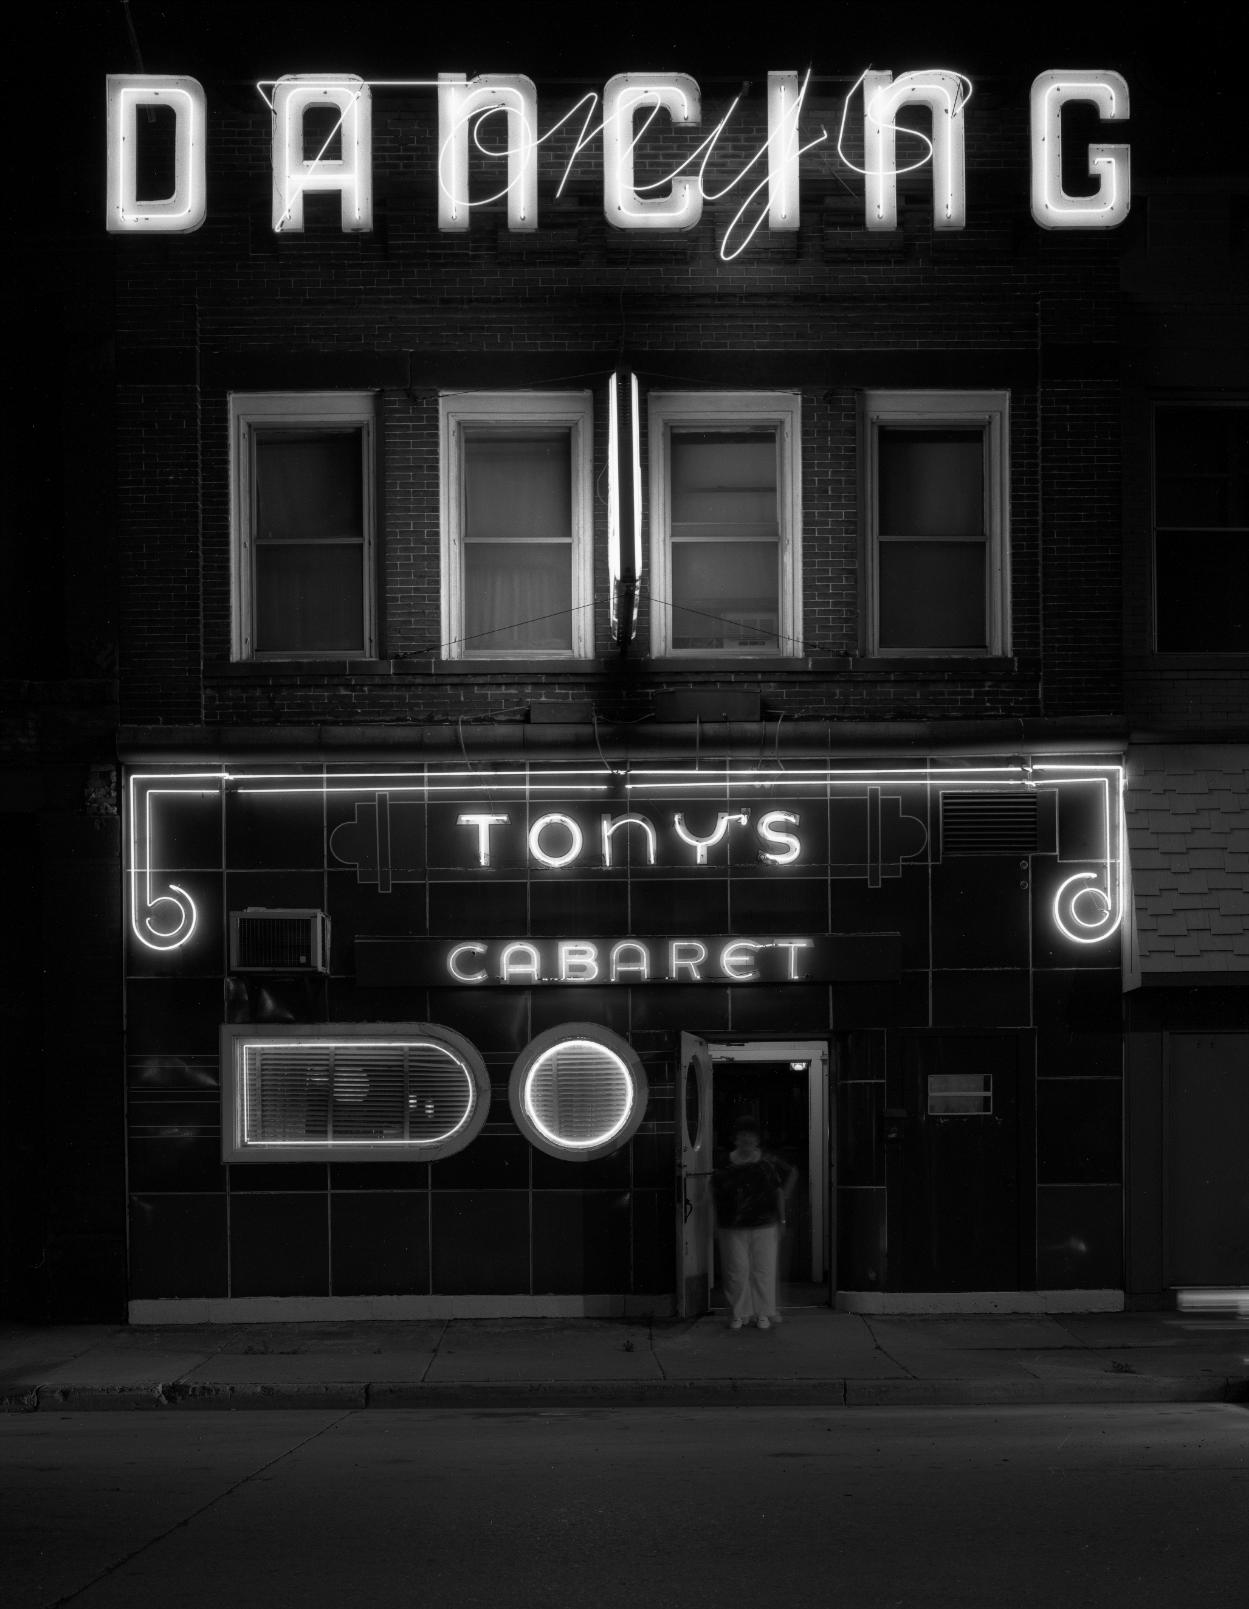 Tony's Cabaret, Superior,  Wisconsin, 1982